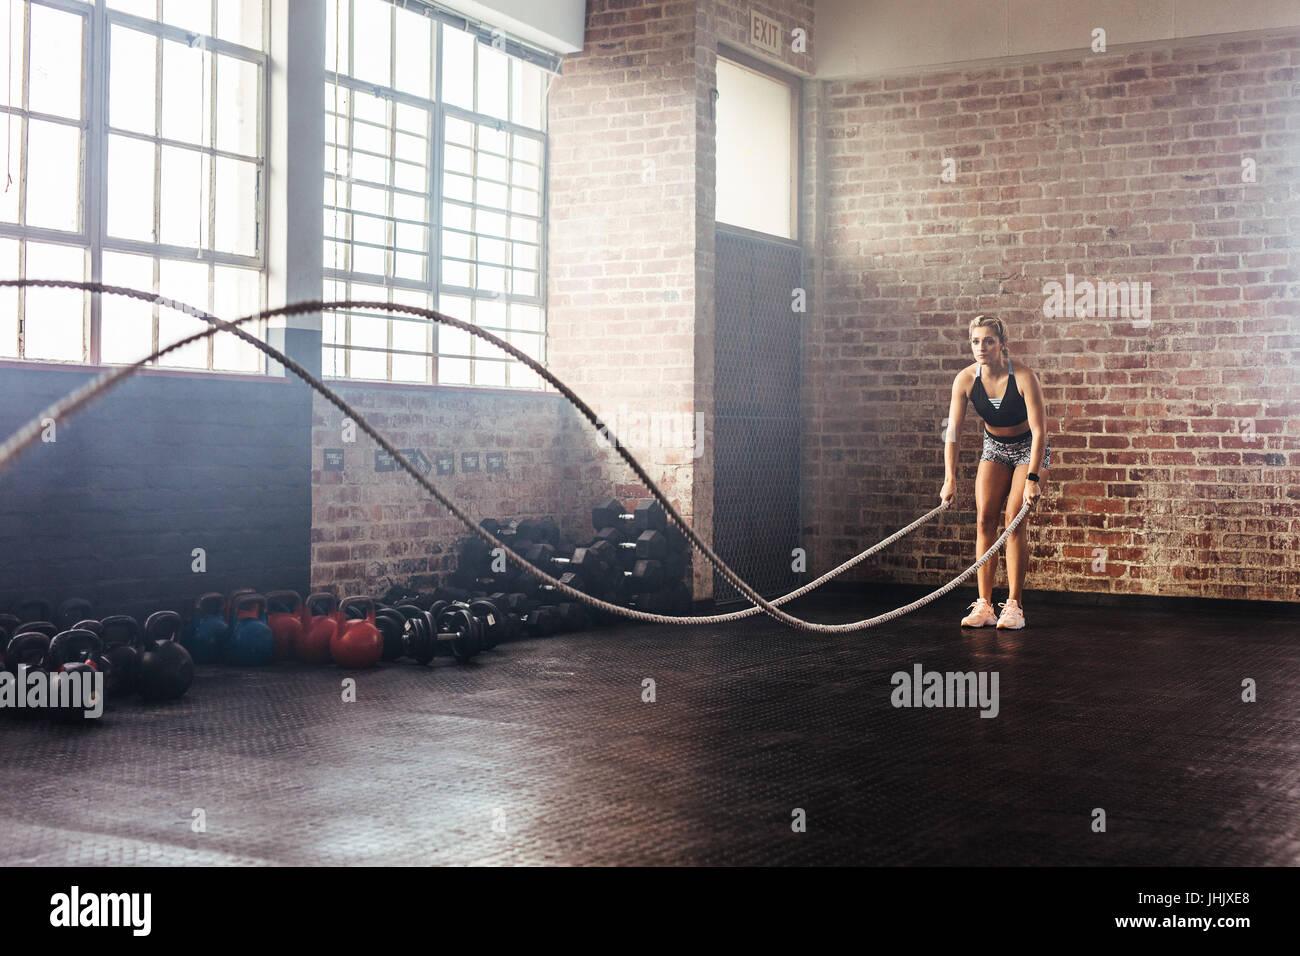 Femme à l'aide de cordes de formation pour l'exercice dans la salle de sport. Déménagement Photo Stock